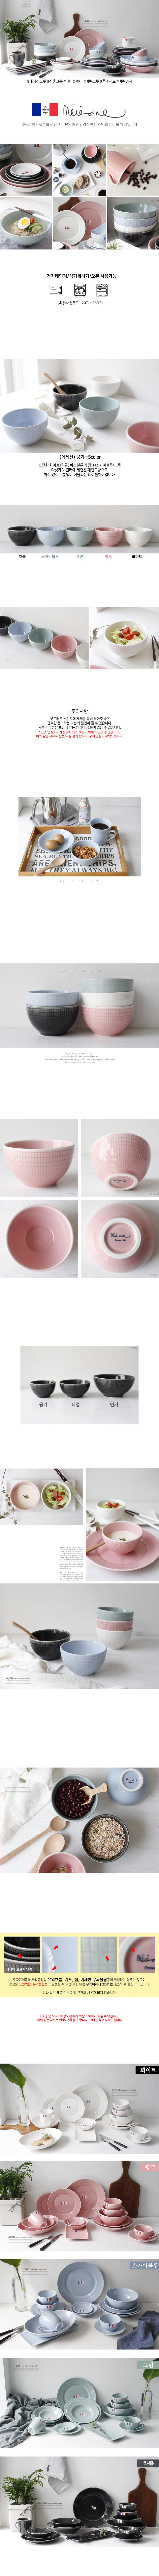 (메레신) 공기 -5color - 체리하우스, 7,000원, 밥공기/국공기, 밥공기